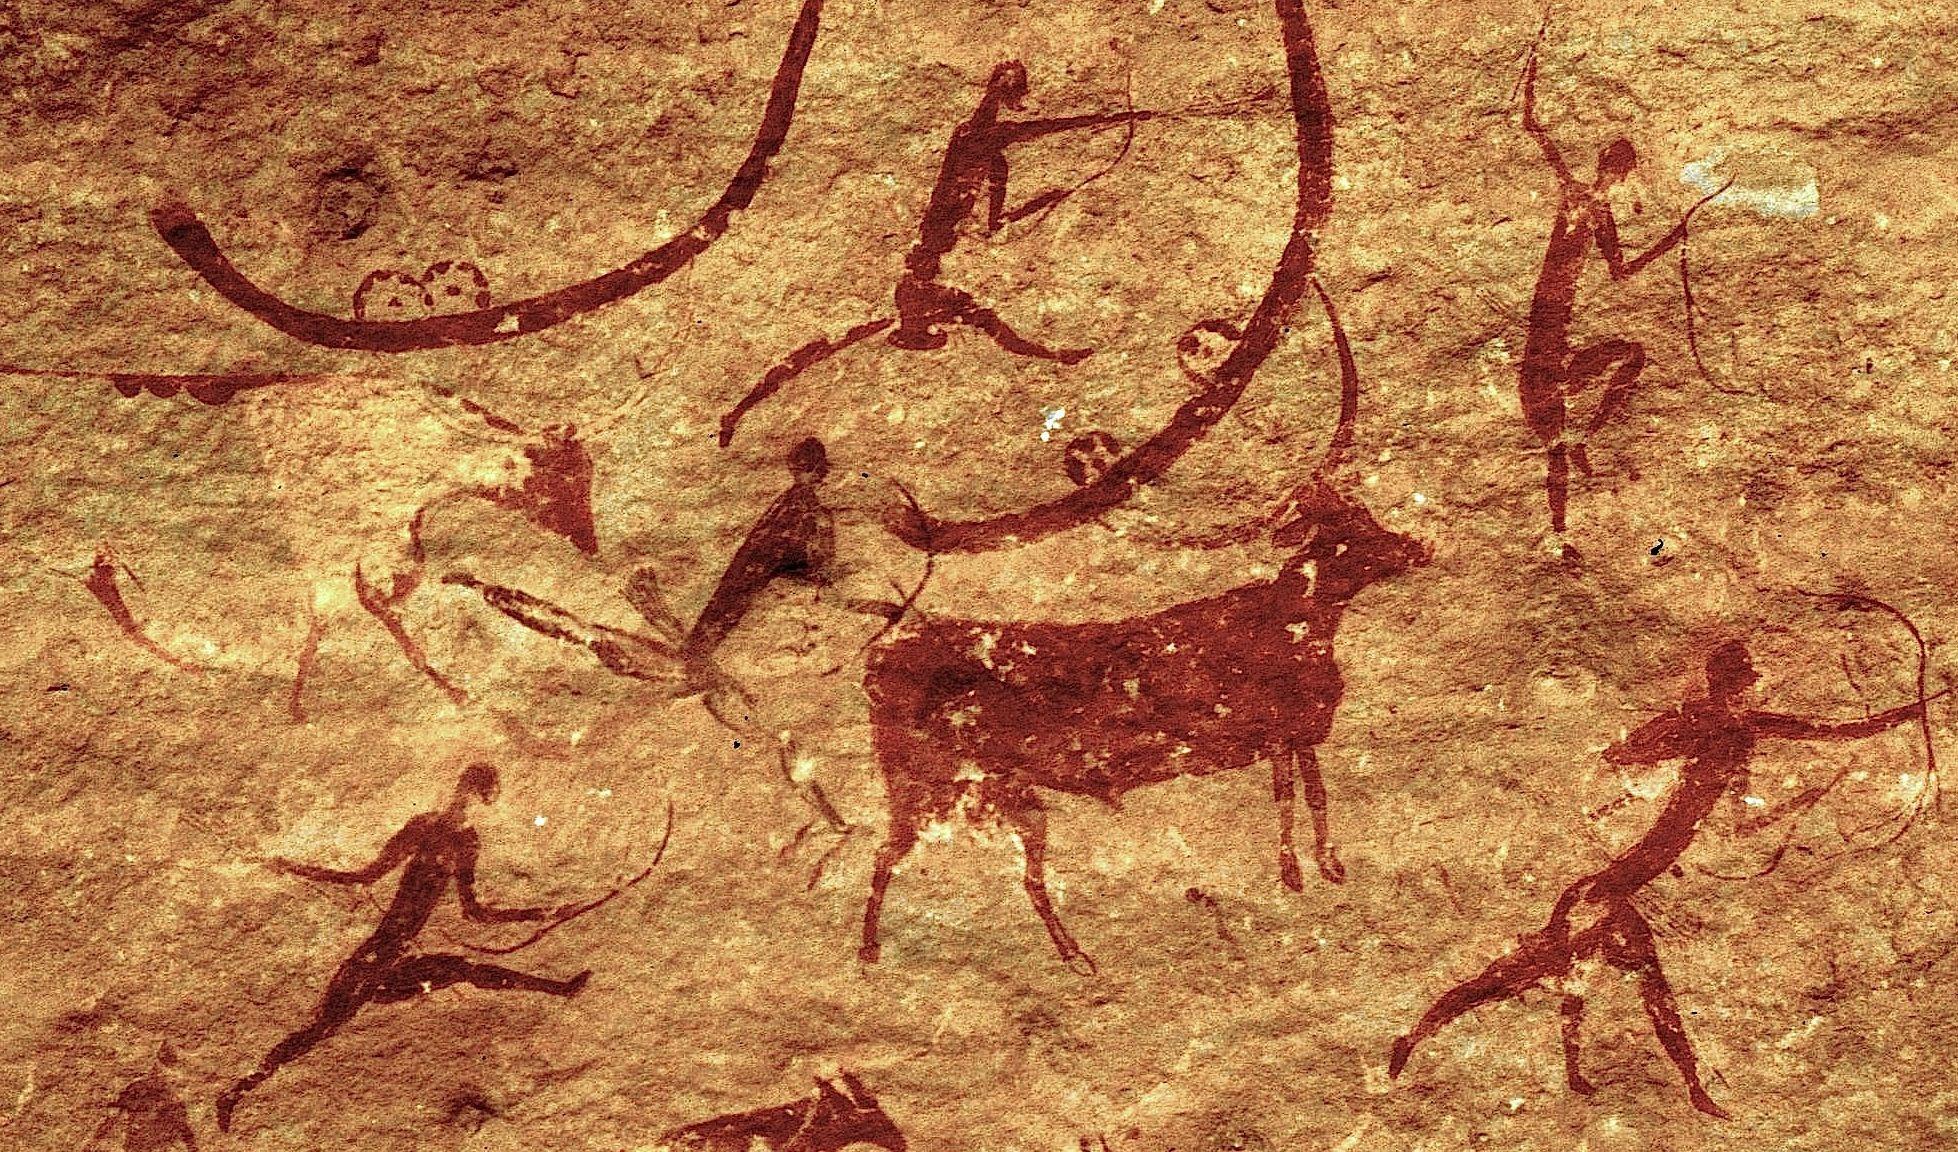 В вымирании крупных наземных млекопитающих обвинили людей